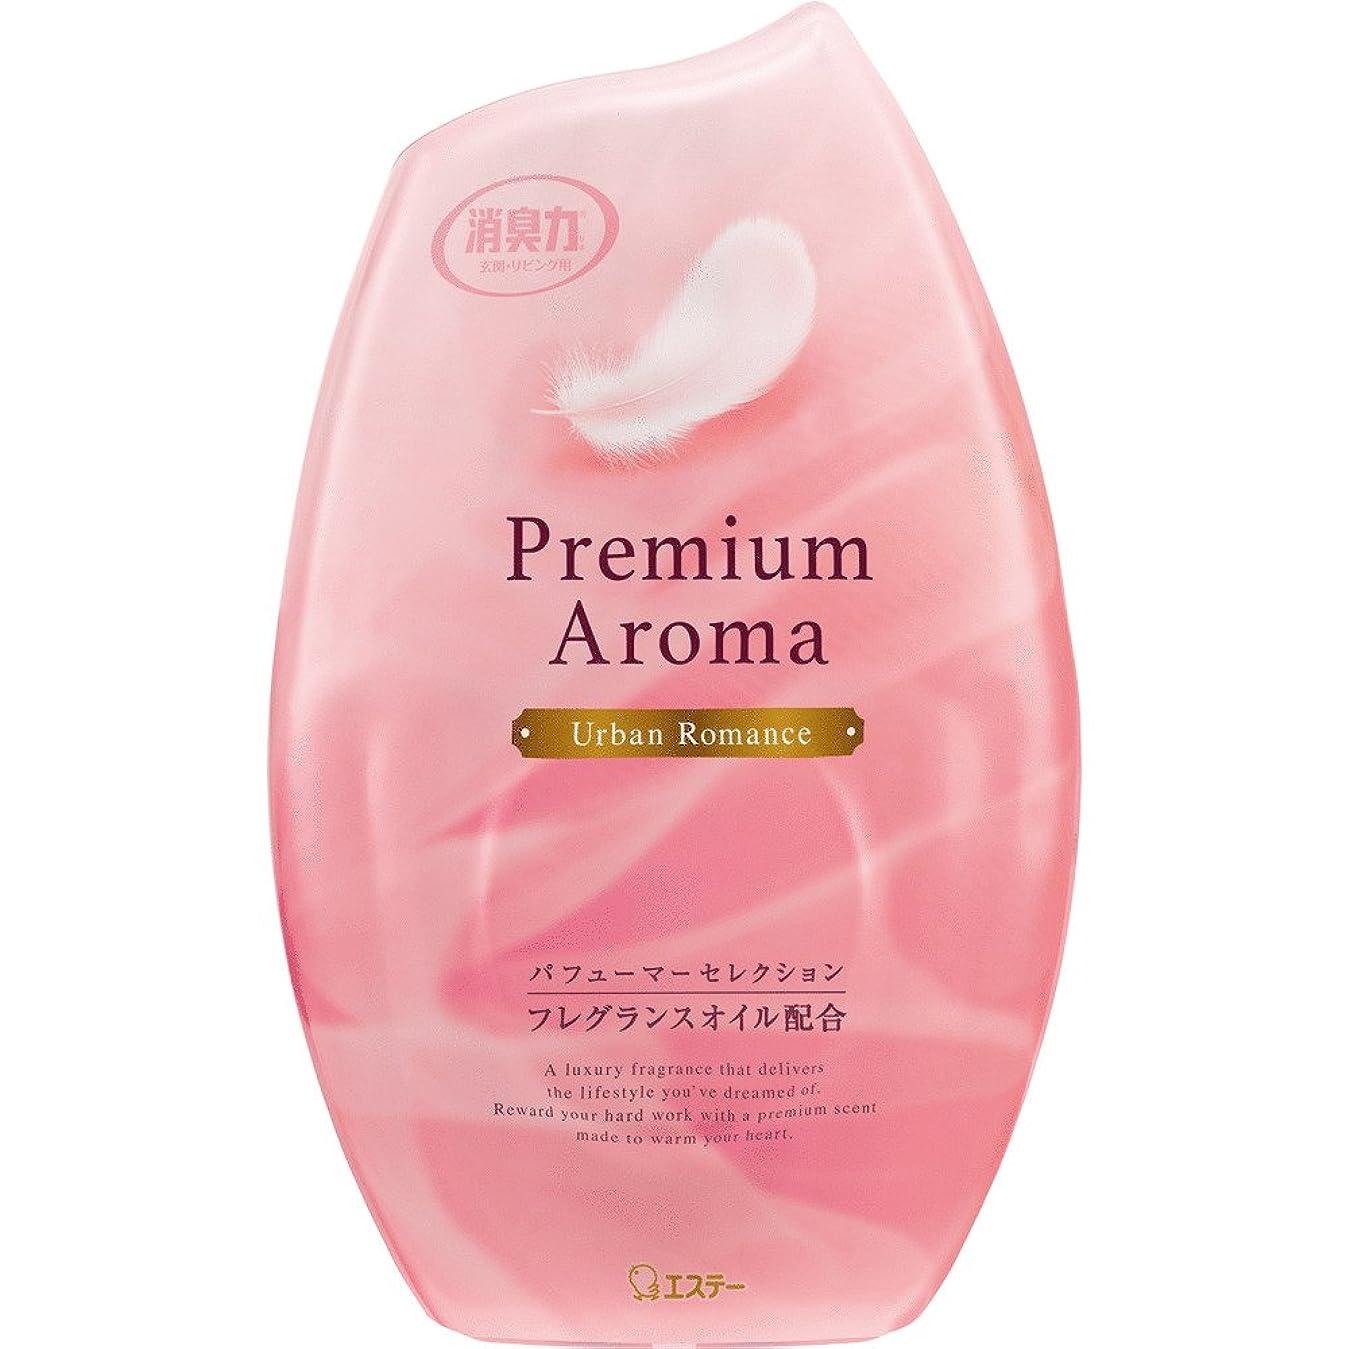 お部屋の消臭力 プレミアムアロマ Premium Aroma 消臭芳香剤 部屋用 部屋 アーバンロマンスの香り 400ml